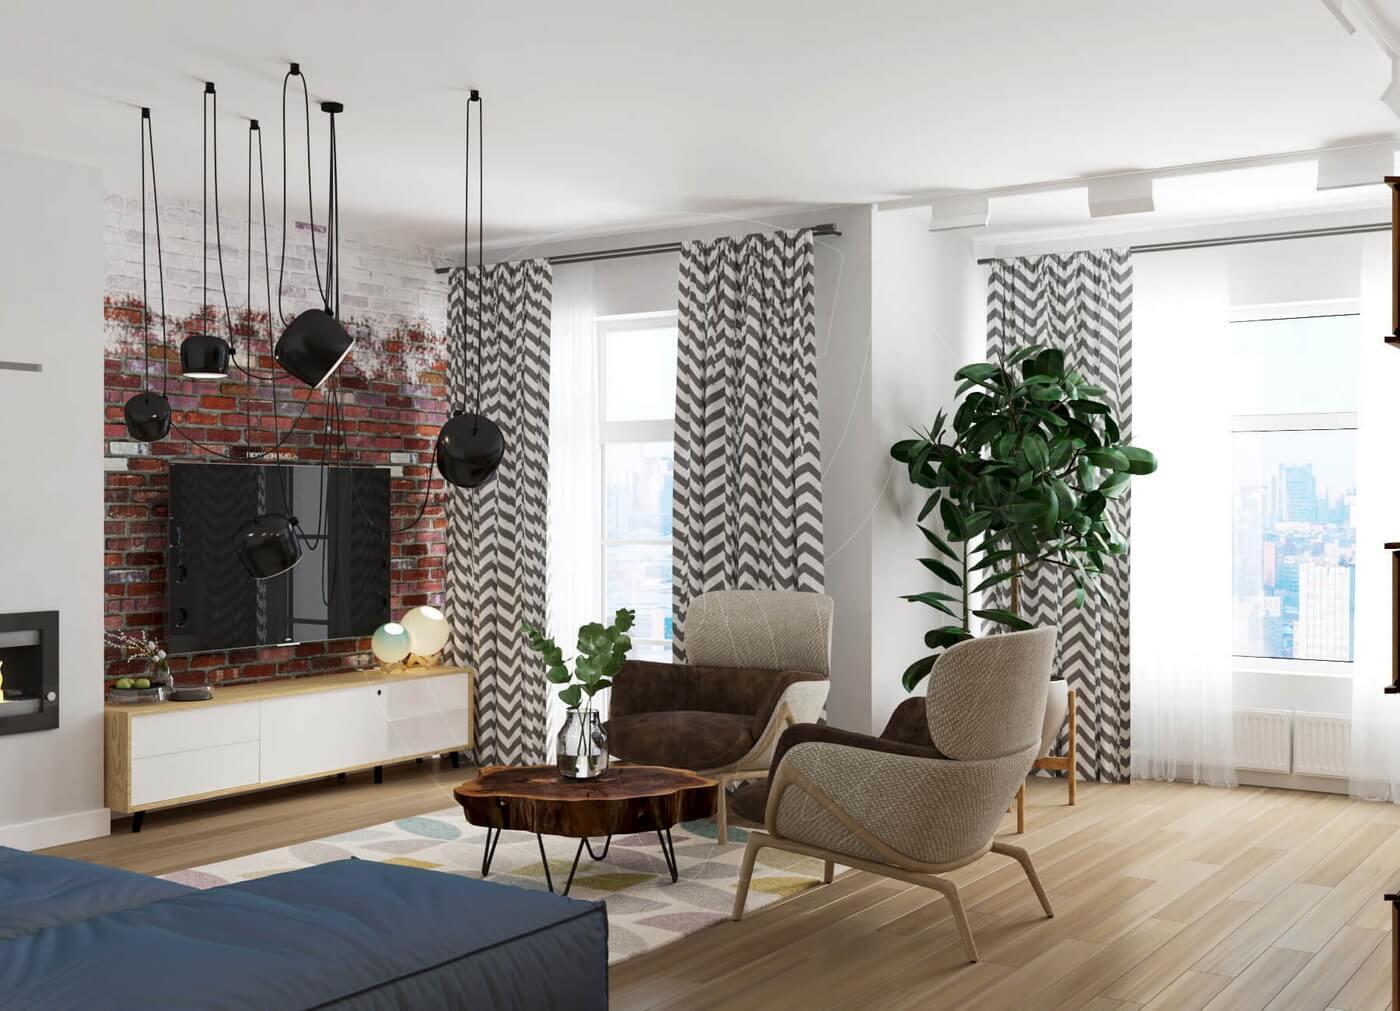 Квартира в скандинавском стиле и стиле LOFT. Гостиная в скандинавском стиле, красный кирпич